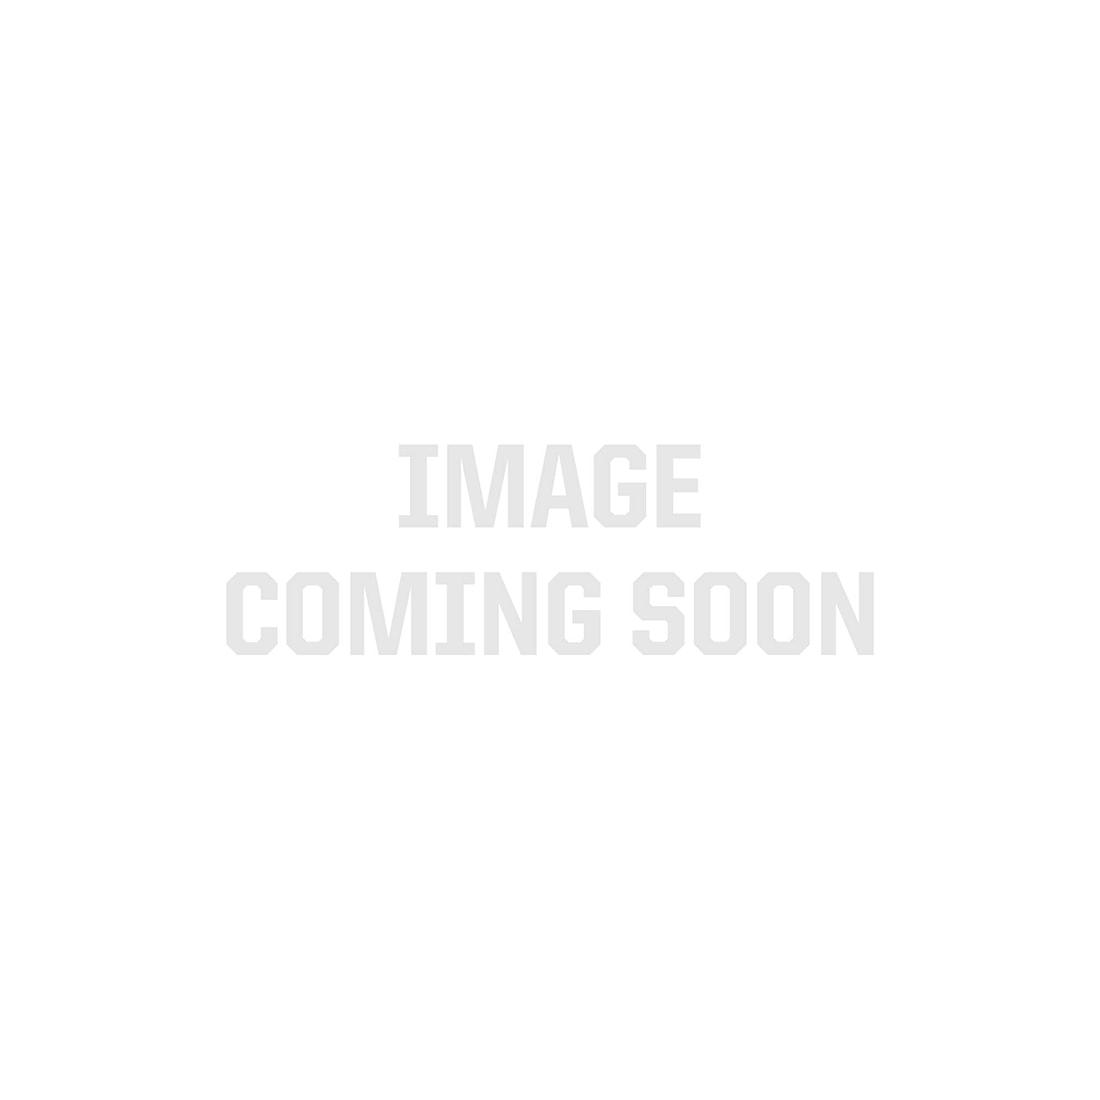 G50mm Frosted Glass Dimmable LED Light Bulb, E26 (Medium) Base, 1.4 watt (Warm White)